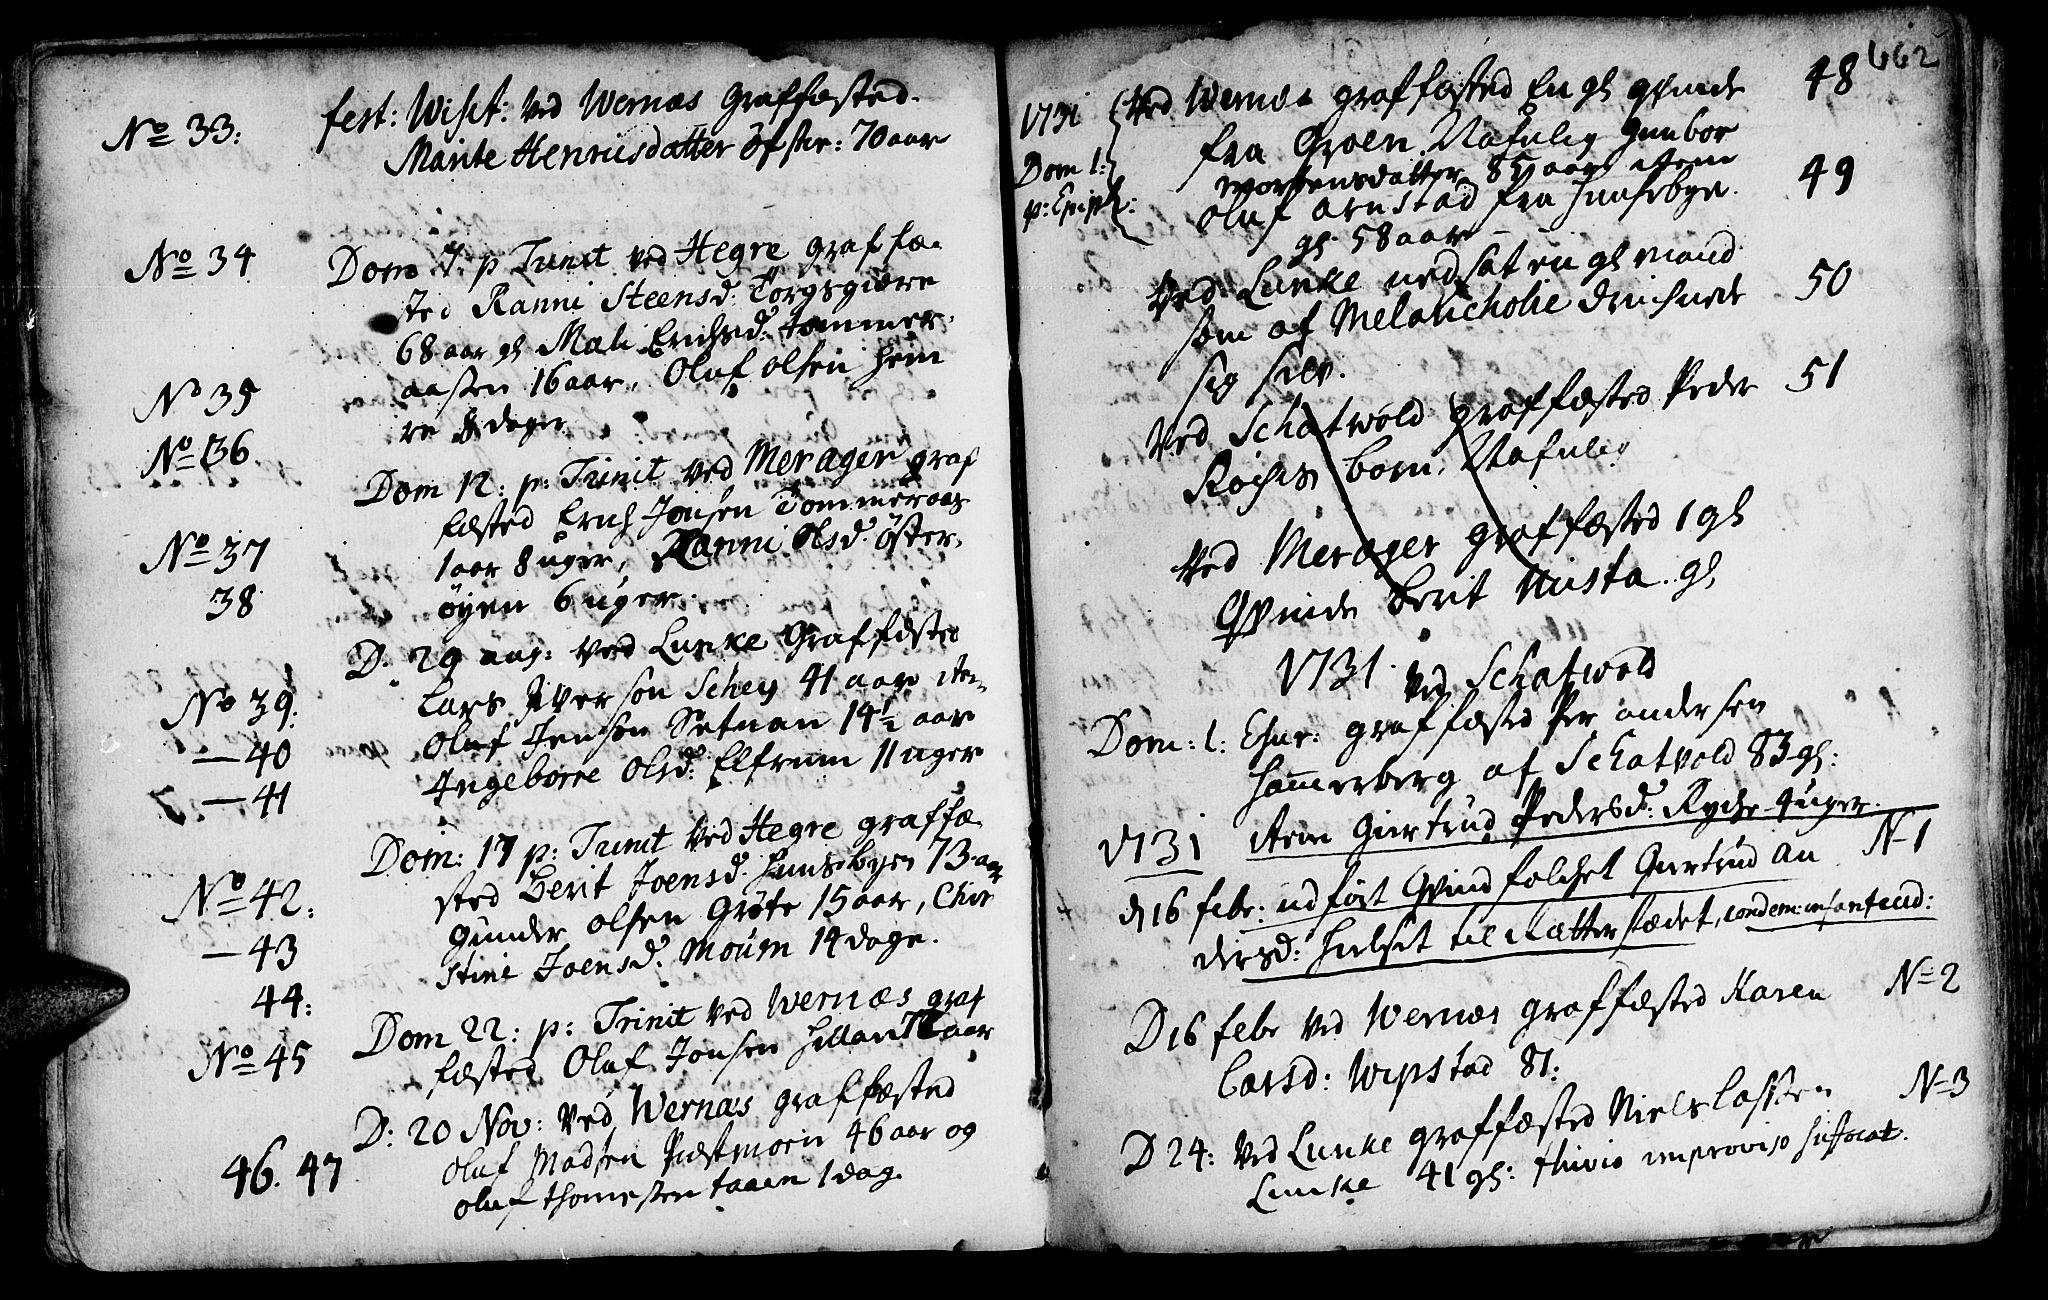 SAT, Ministerialprotokoller, klokkerbøker og fødselsregistre - Nord-Trøndelag, 709/L0055: Ministerialbok nr. 709A03, 1730-1739, s. 661-662